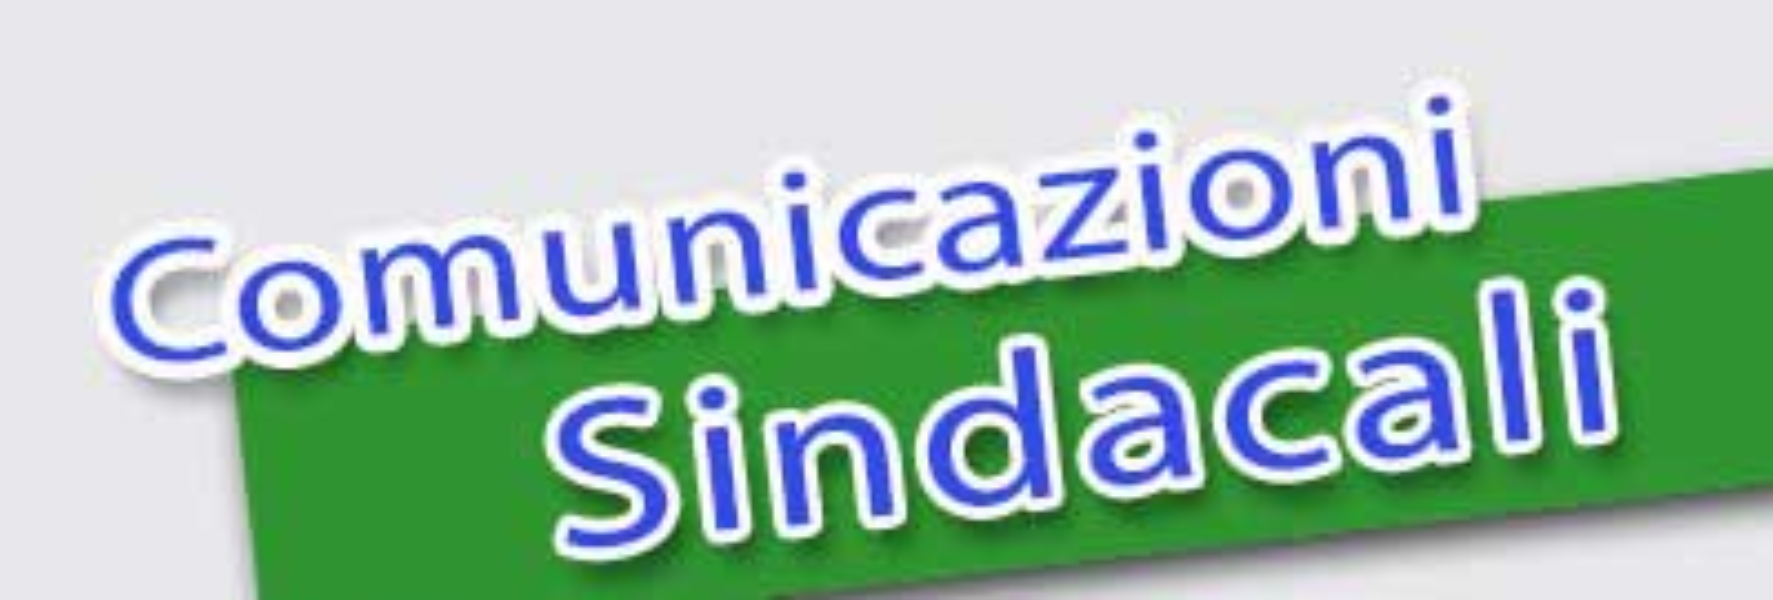 Comunicazioni Sindacali